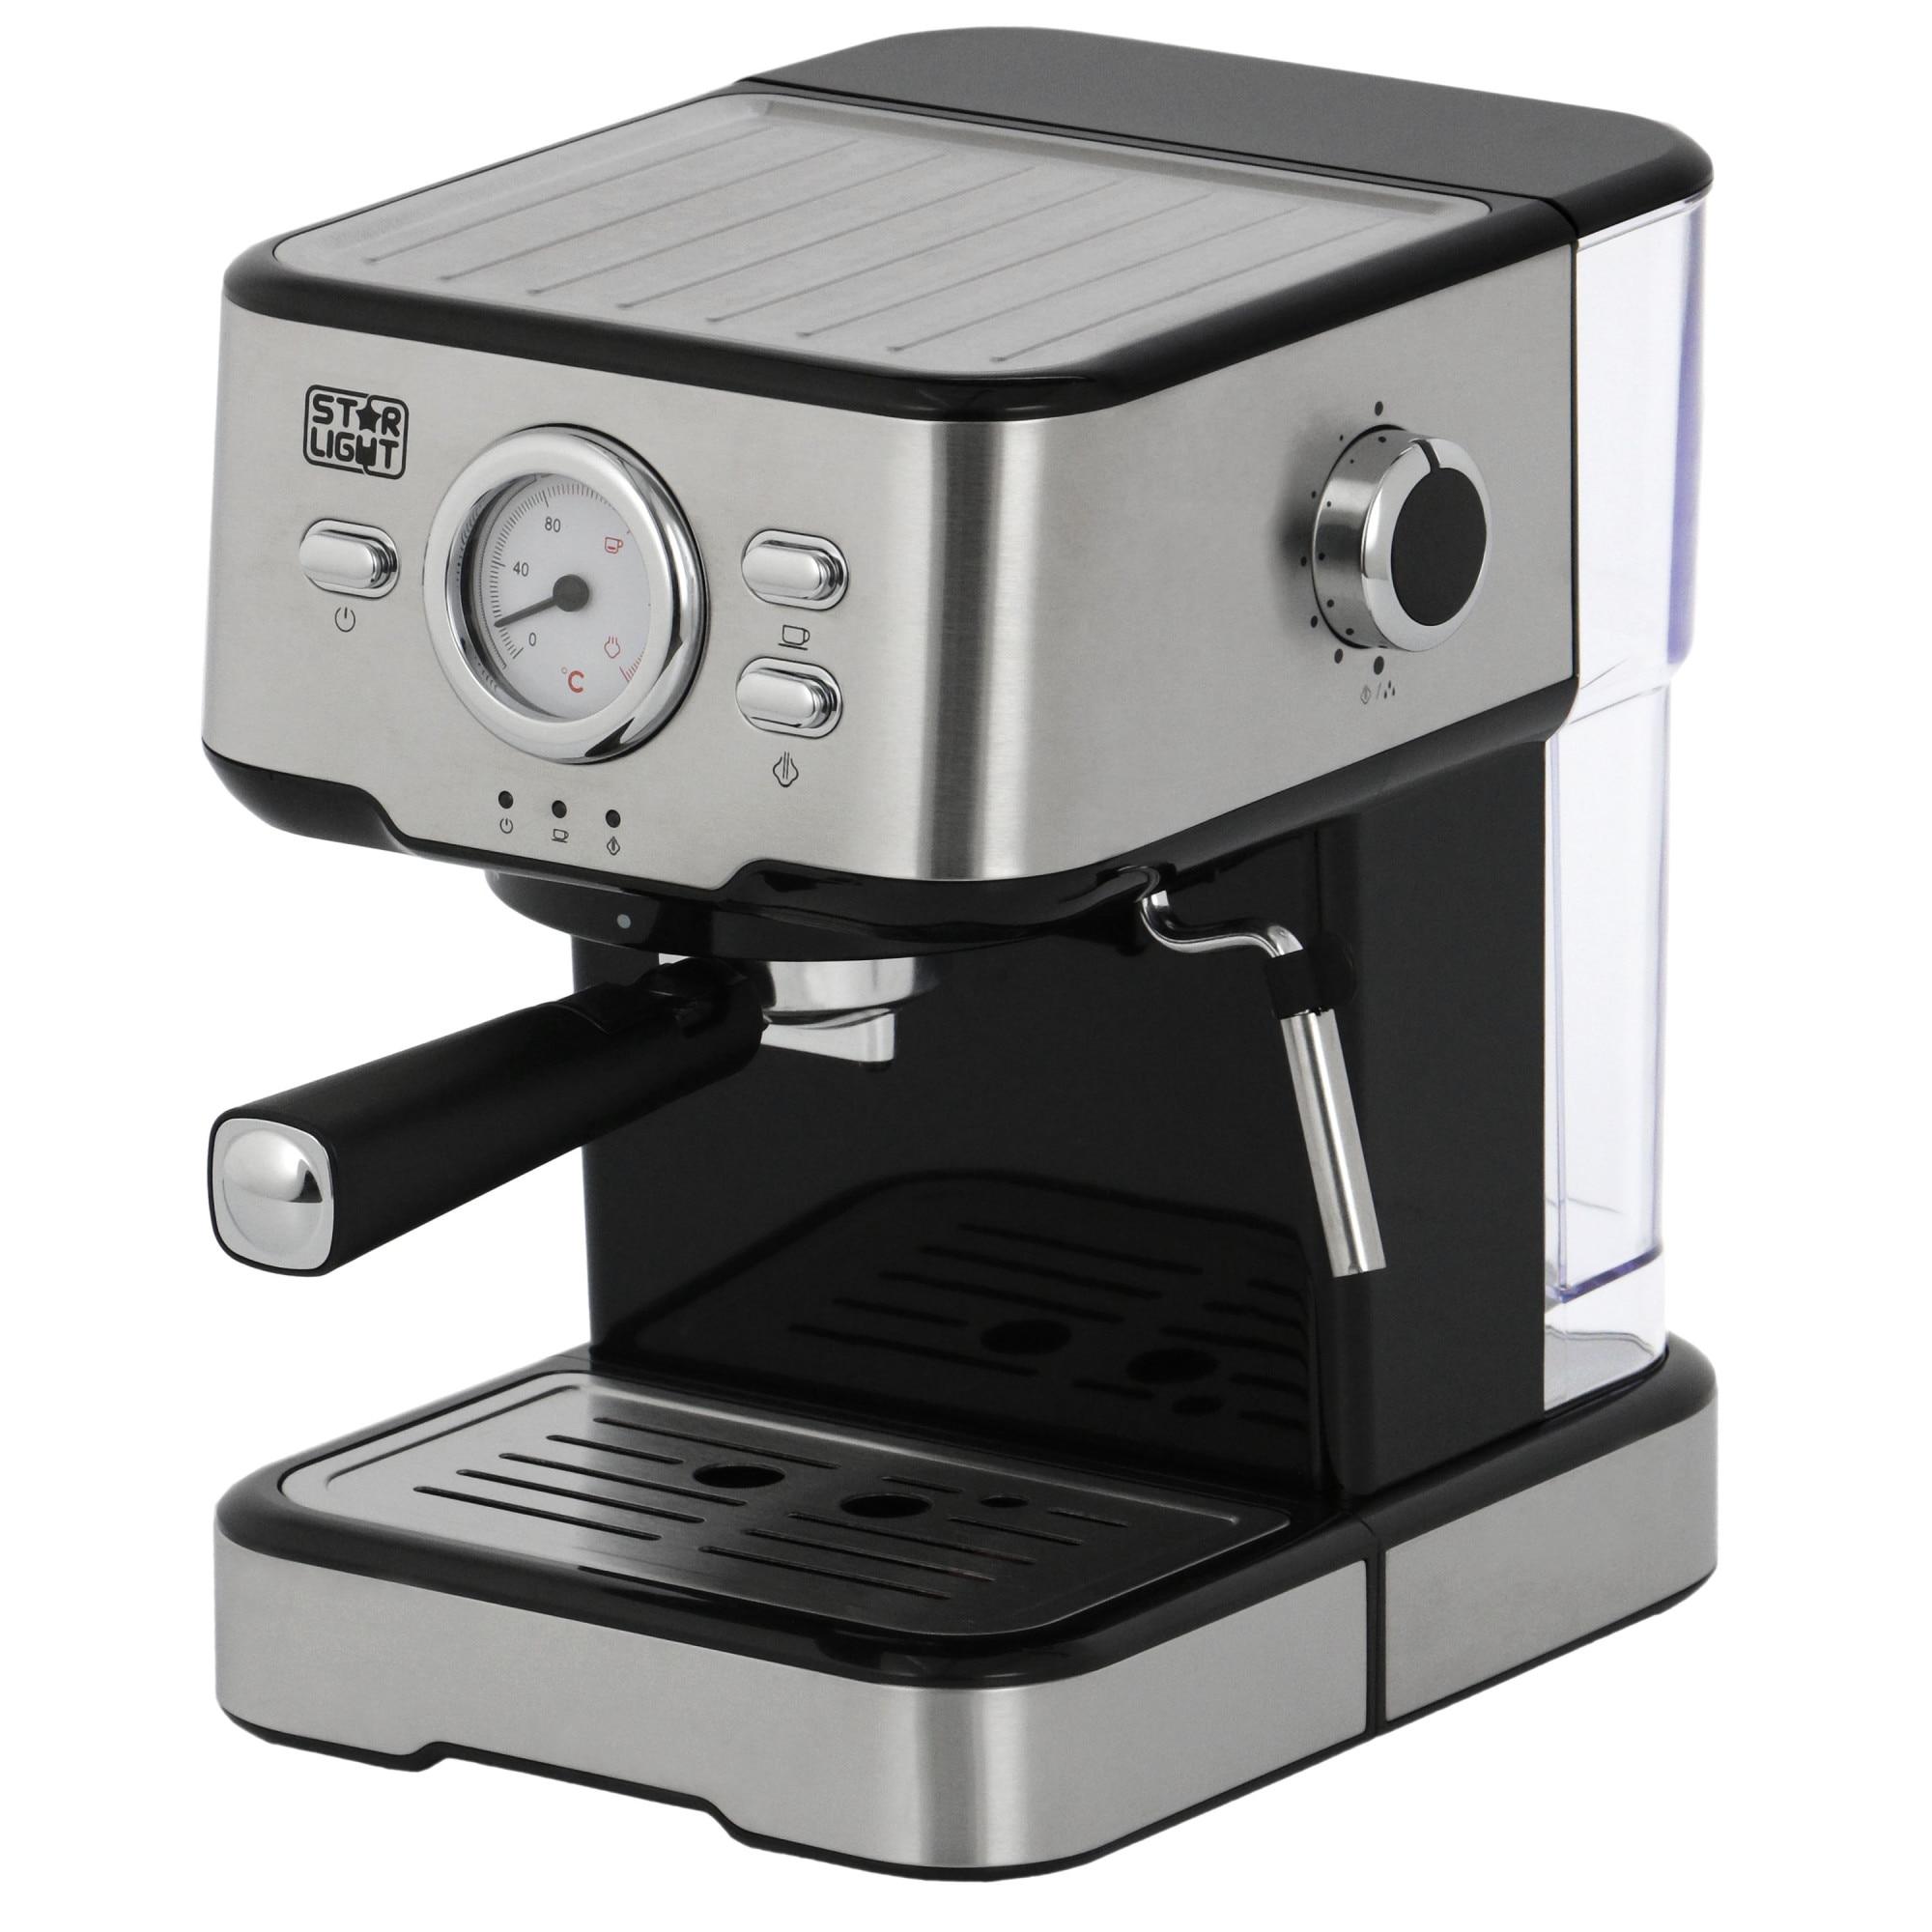 Fotografie Espressor manual Star-Light EMD-1511W, 15 Bar, 1100W, 1.5l, Inox